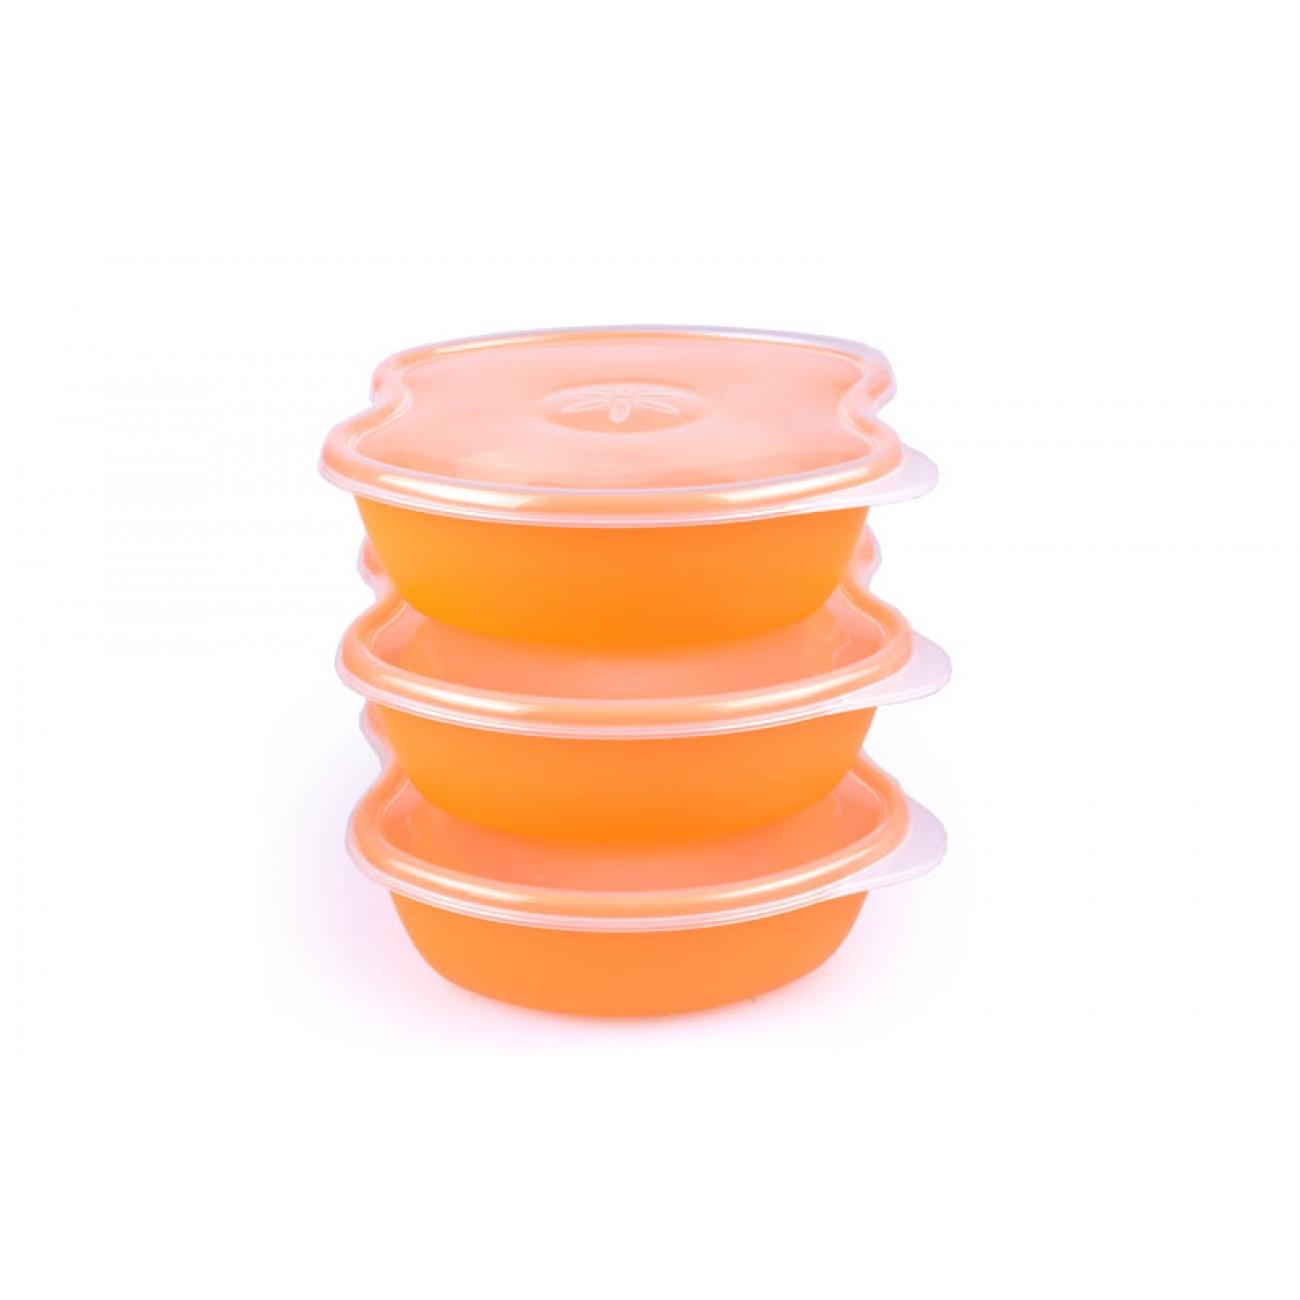 Σετ 3 τάπερ με εύκολο άνοιγμα - 14x12x4cm - Πορτοκαλί - ΟΕΜ 34120